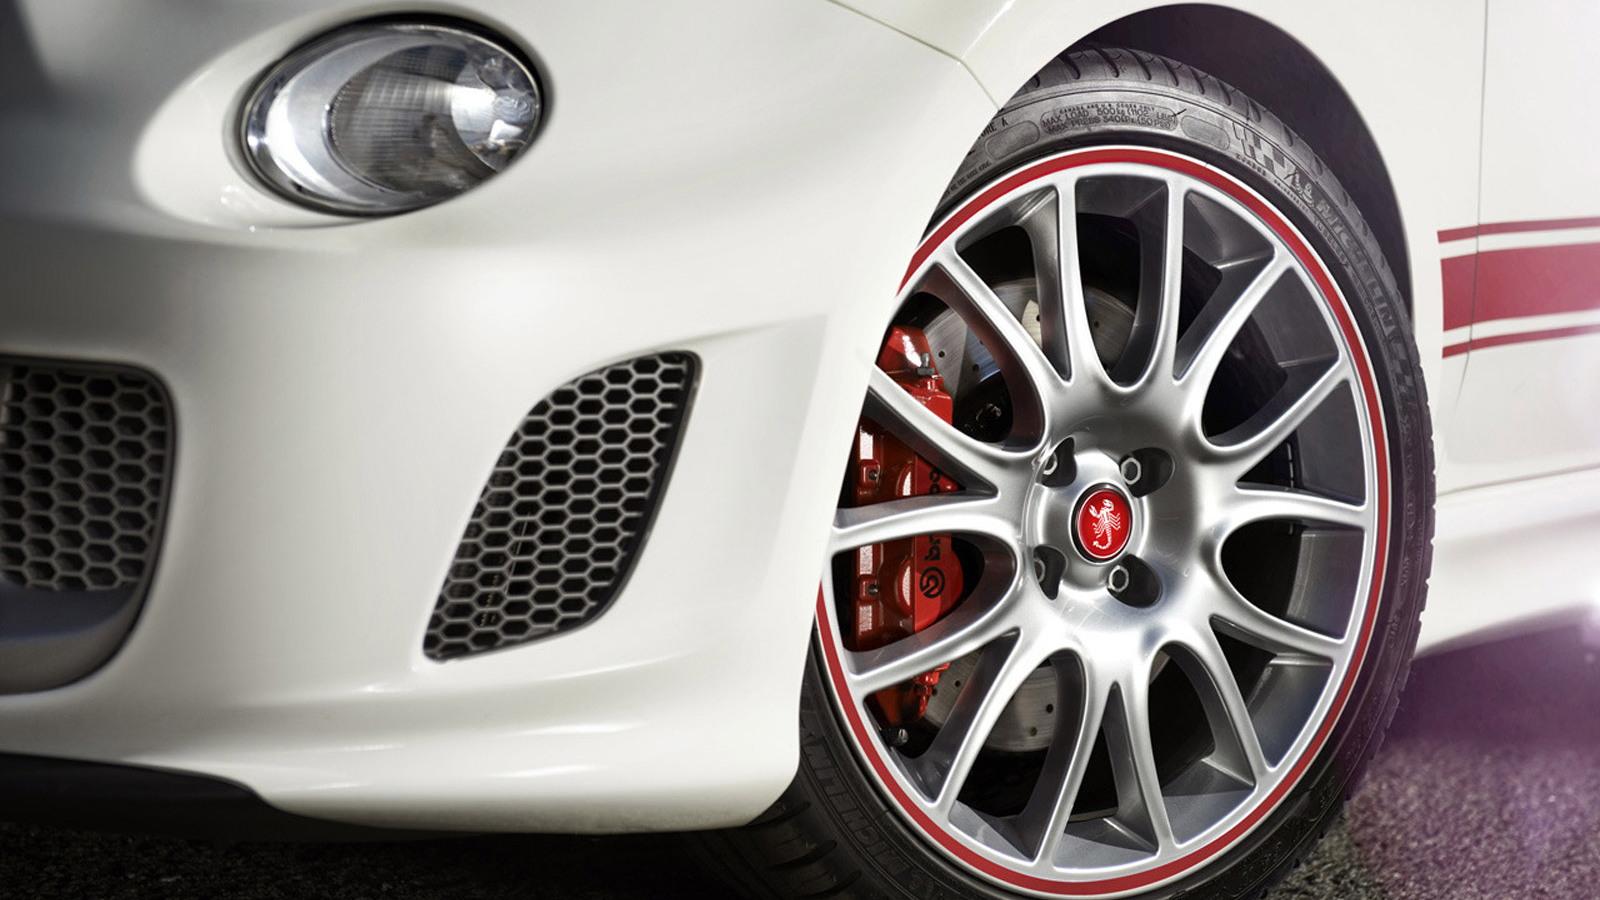 2013 Fiat Abarth 595 50th Anniversary Edition